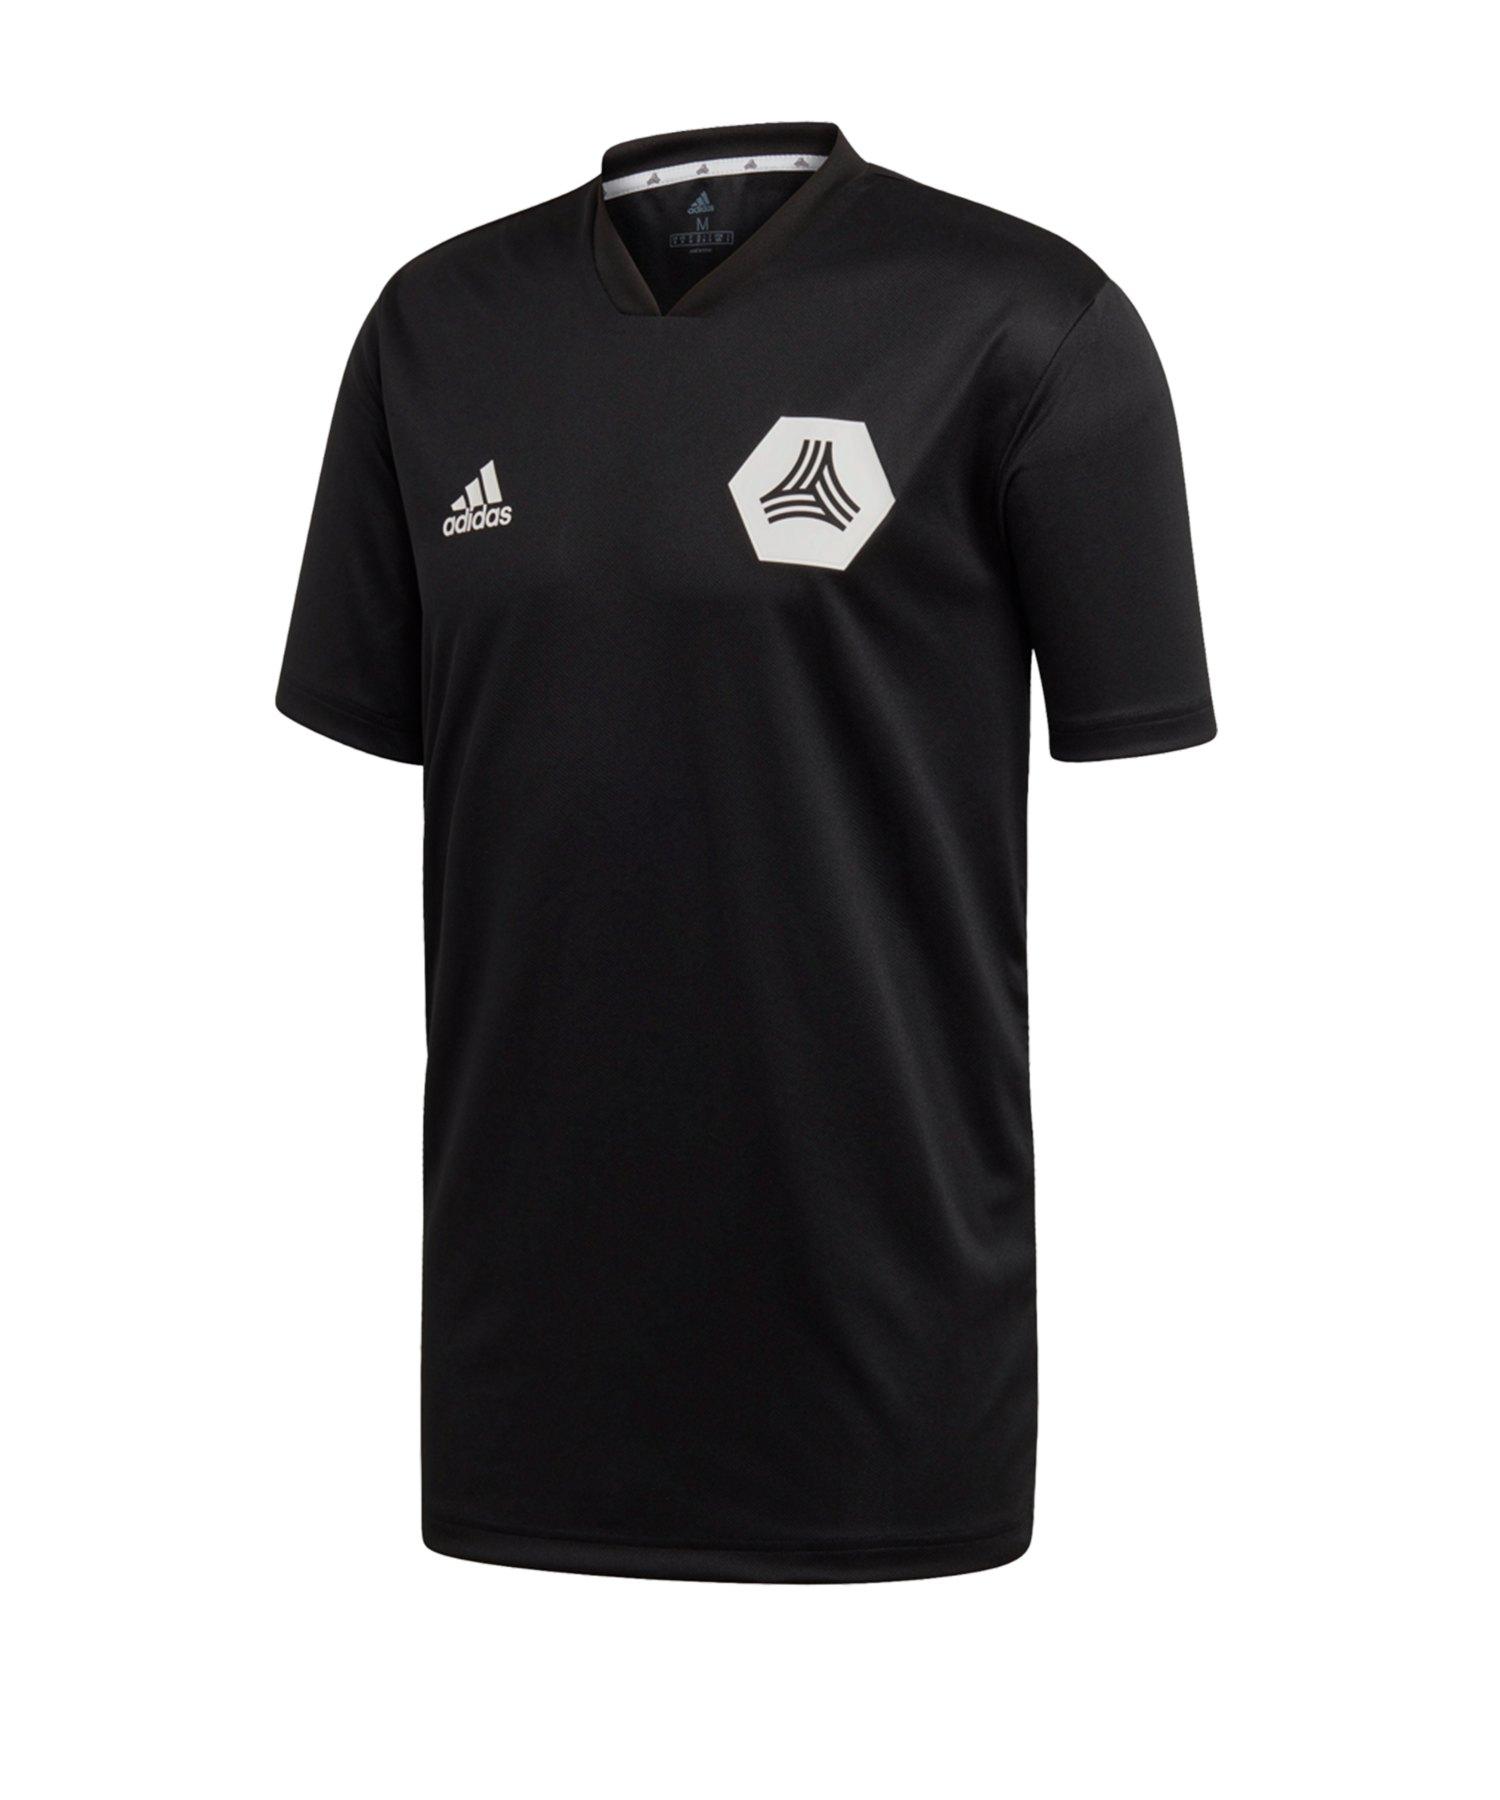 adidas Tango Trainingsshirt kurzarm Schwarz - schwarz